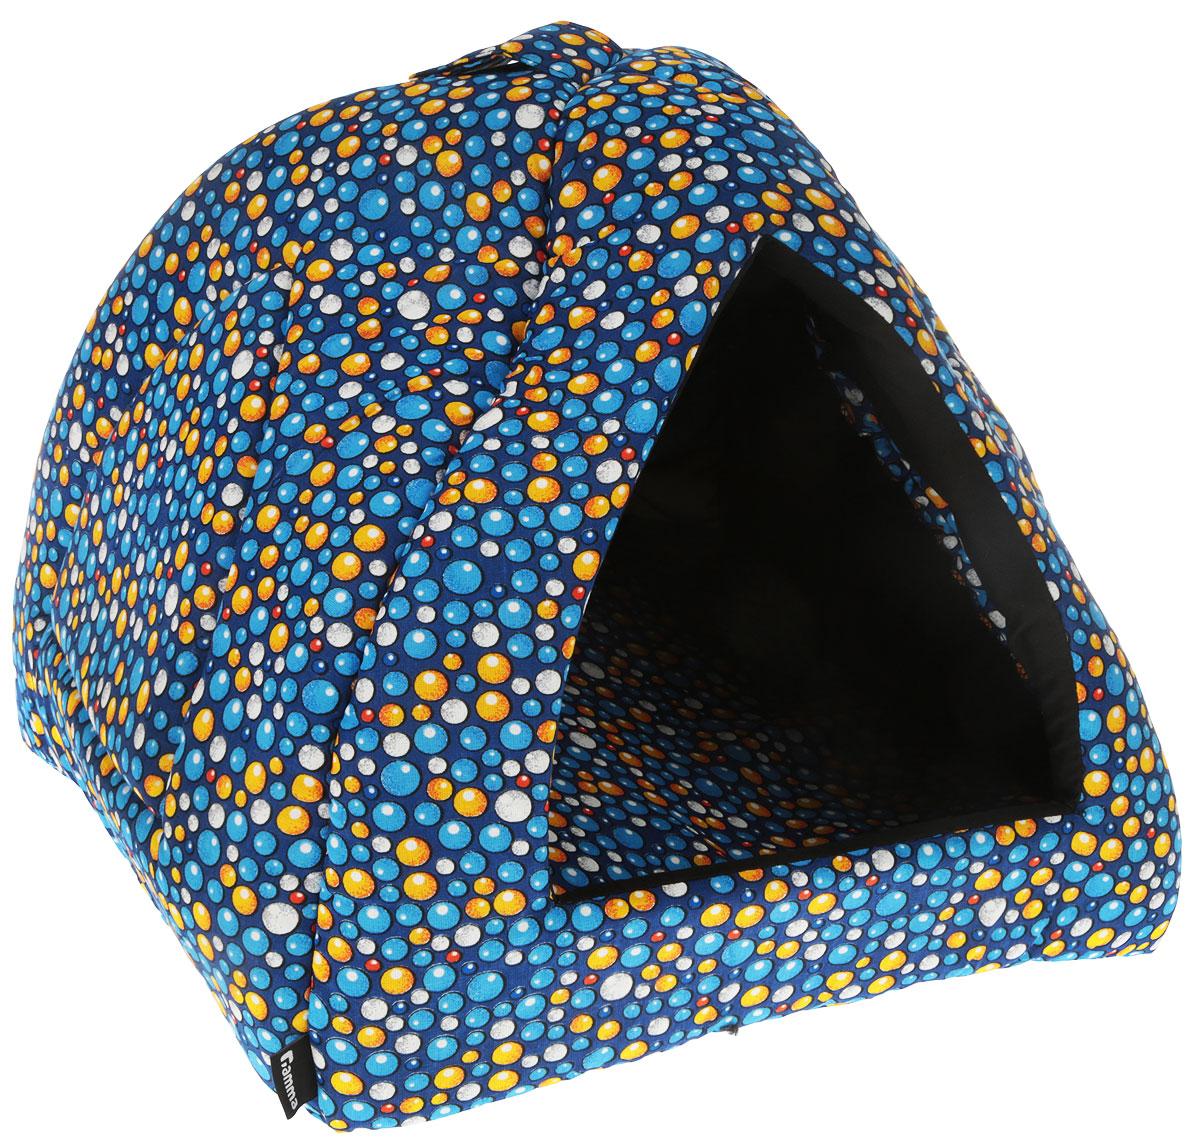 Домик для кошек и собак Гамма Пузыри, цвет: синий, голубой, желтый, 40 х 40 х 36 смДг-06000_пузыри голубые, желтыеДомик для кошек и собак Гамма обязательно понравится вашему питомцу. Домик предназначен для собак мелких пород и кошек. Изготовлен из хлопковой ткани с красивым принтом, внутри - мягкий наполнитель из мебельного поролона. Стежка надежно удерживает наполнитель внутри и не позволяет ему скатываться. Домик очень удобный и уютный, он оснащен мягкой съемной подстилкой из поролона.Ваш любимец сразу же захочет забраться внутрь, там он сможет отдохнуть и спрятаться. Компактные размеры позволят поместить домик, где угодно, а приятная цветовая гамма сделает его оригинальным дополнением к любому интерьеру. Изделие дополнительно снабжено петлей для подвешивания.